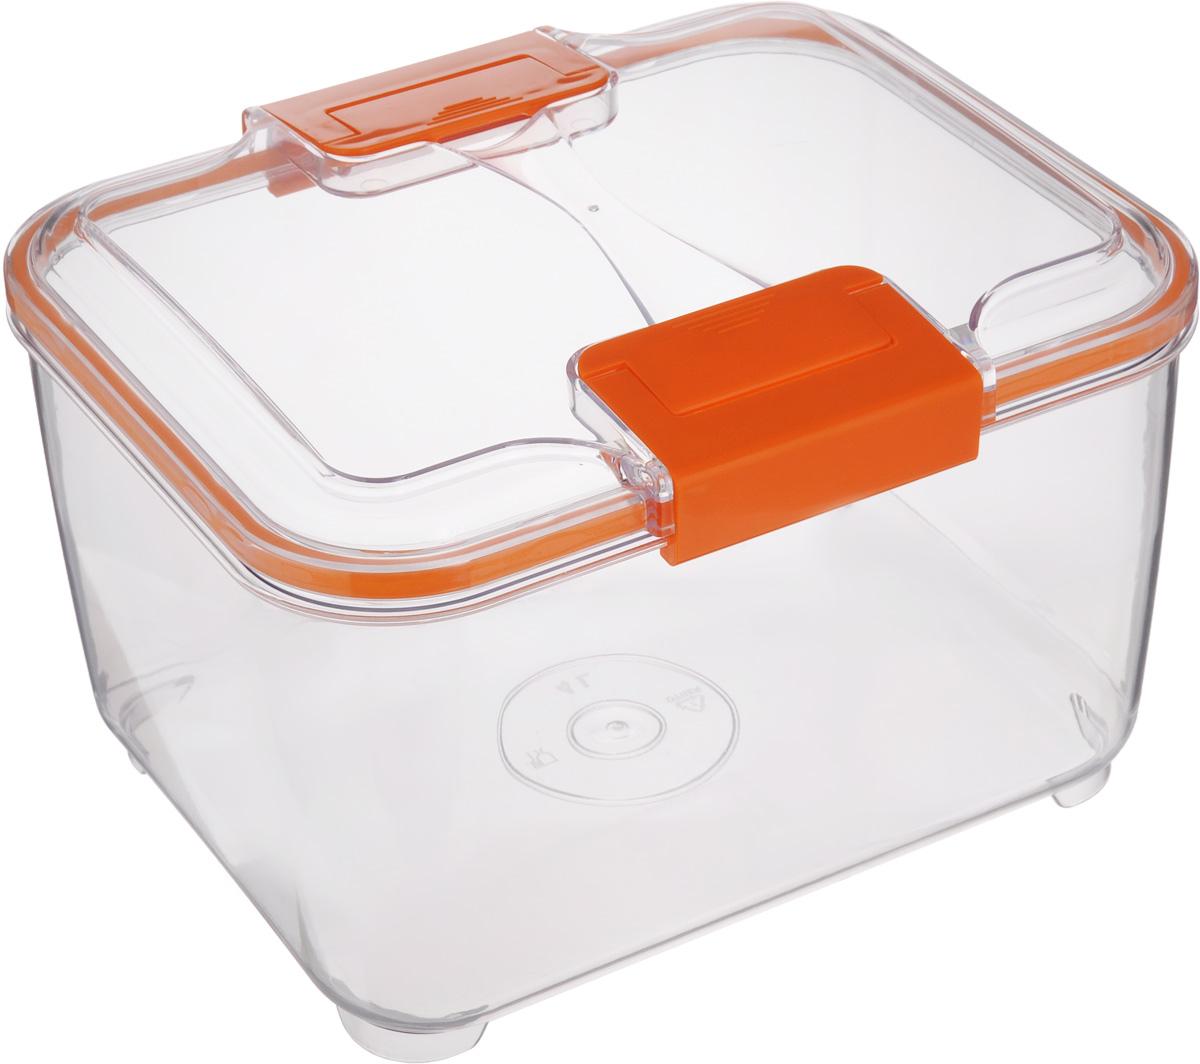 Контейнер Status, цвет: прозрачный, оранжевый, 4 лRC40 OrangeПищевой контейнер Status изготовлен из высококачественного пищевого пластика. Контейнер безопасен для здоровья, не содержит BPA. Изделие имеет прямоугольную форму и оснащено плотно закрывающейся крышкой. Прозрачные стенки позволяют видеть содержимое. Контейнер закрывается при помощи двух защелок.Можно мыть в посудомоечной машине.Контейнер подходит для использования вморозильной камере и СВЧ.